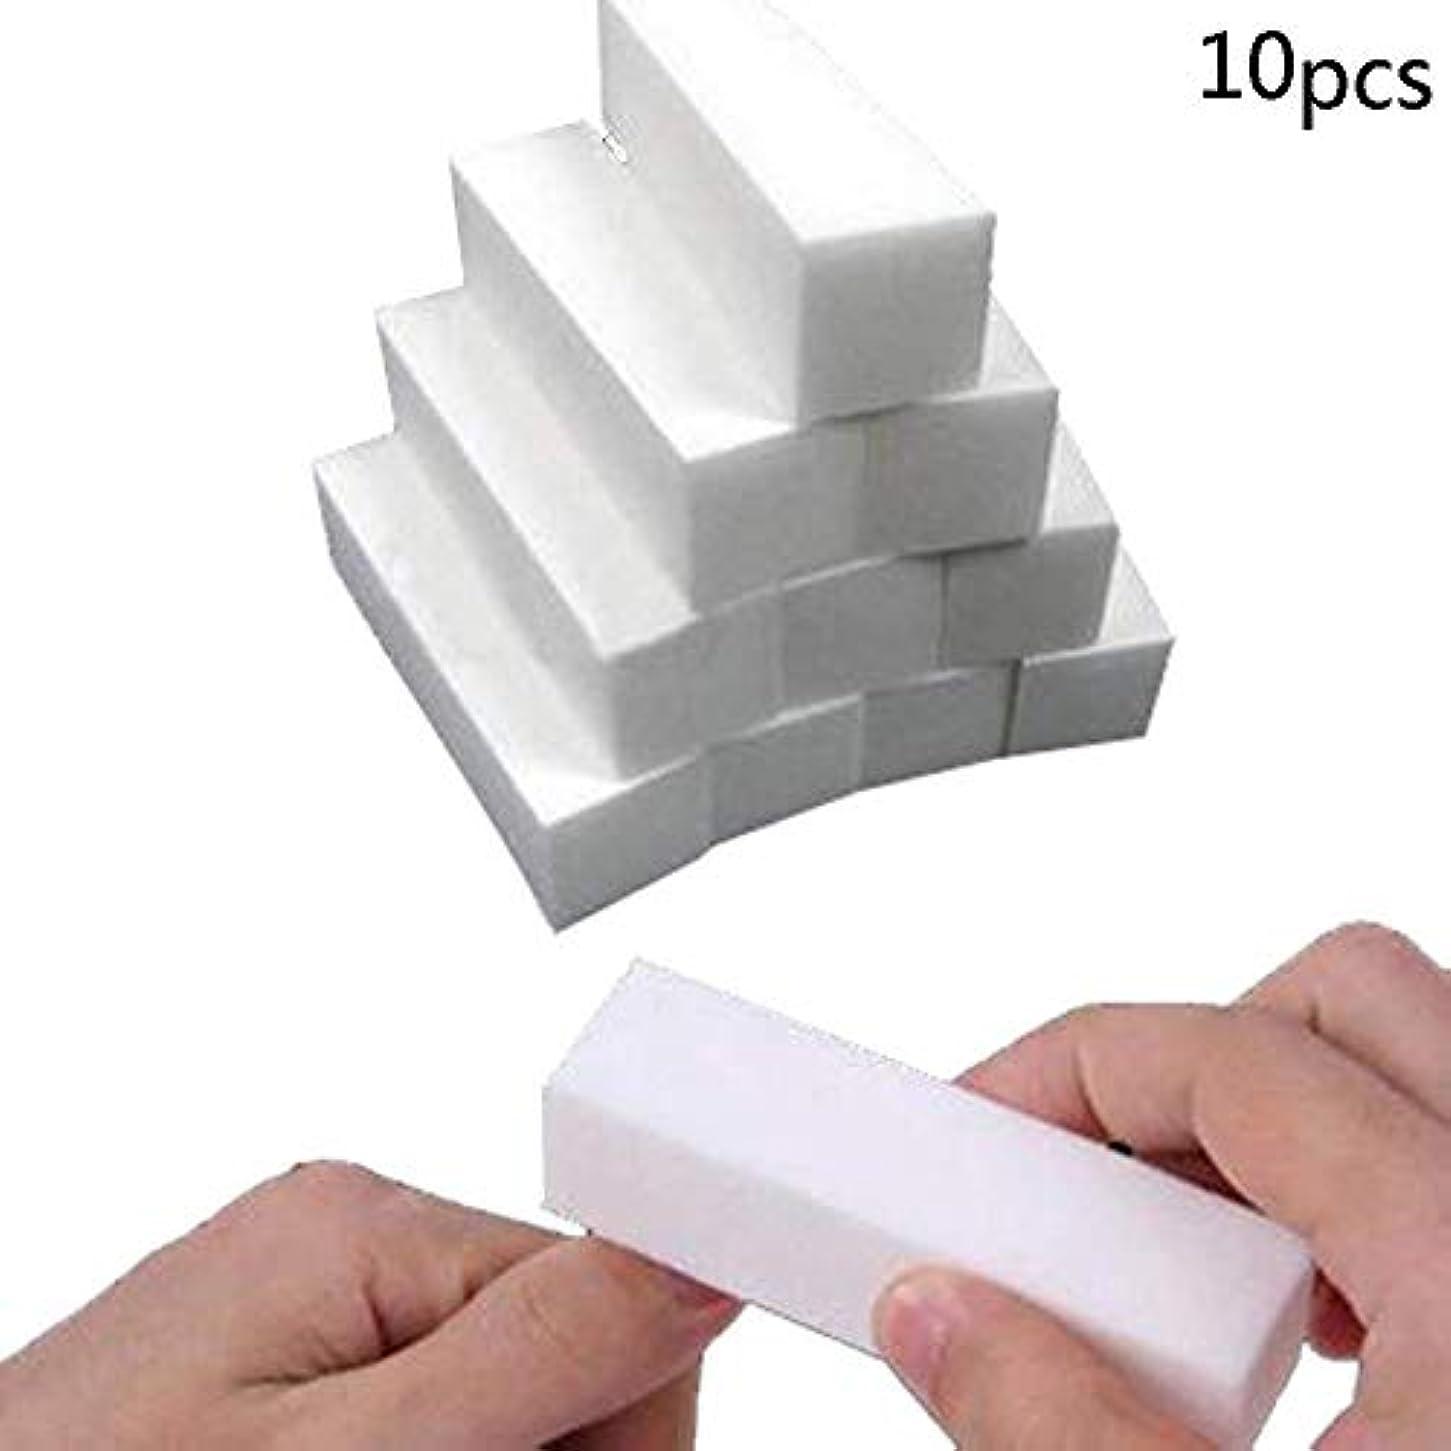 食用整然とした独裁者Amyou ネイルファイルプロフェッショナルネイルケアブロックホワイトポリッシャーサンディングブロックスポンジリントネイルアートヒントツール10個